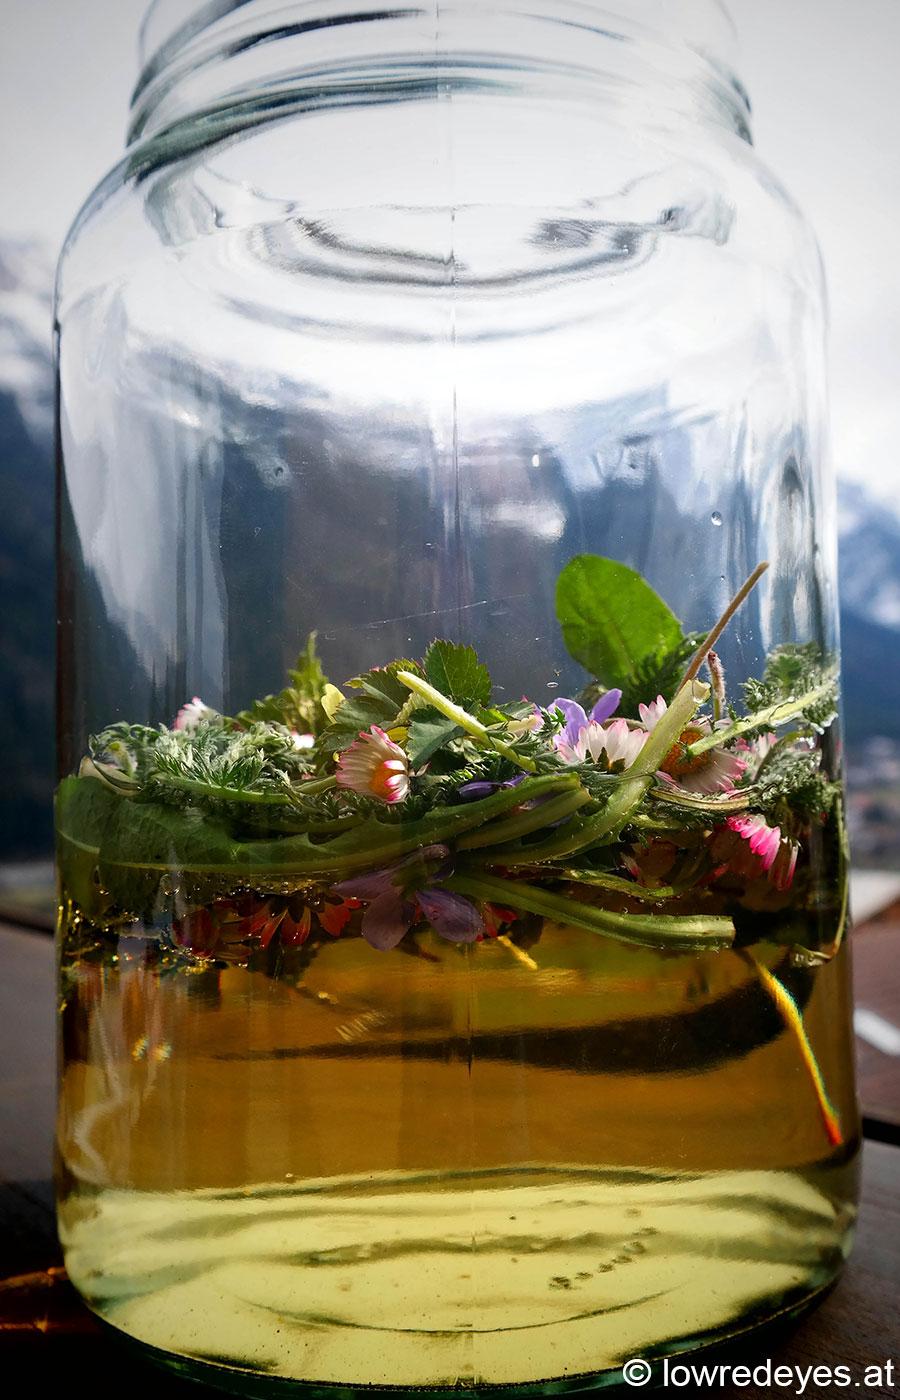 Rezept Wildkräuteressig mit Schafgarbe, Veilchen, Gänseblümchen, Löwenzahn, Giersch, Gundelrebe, Schlüsselblume